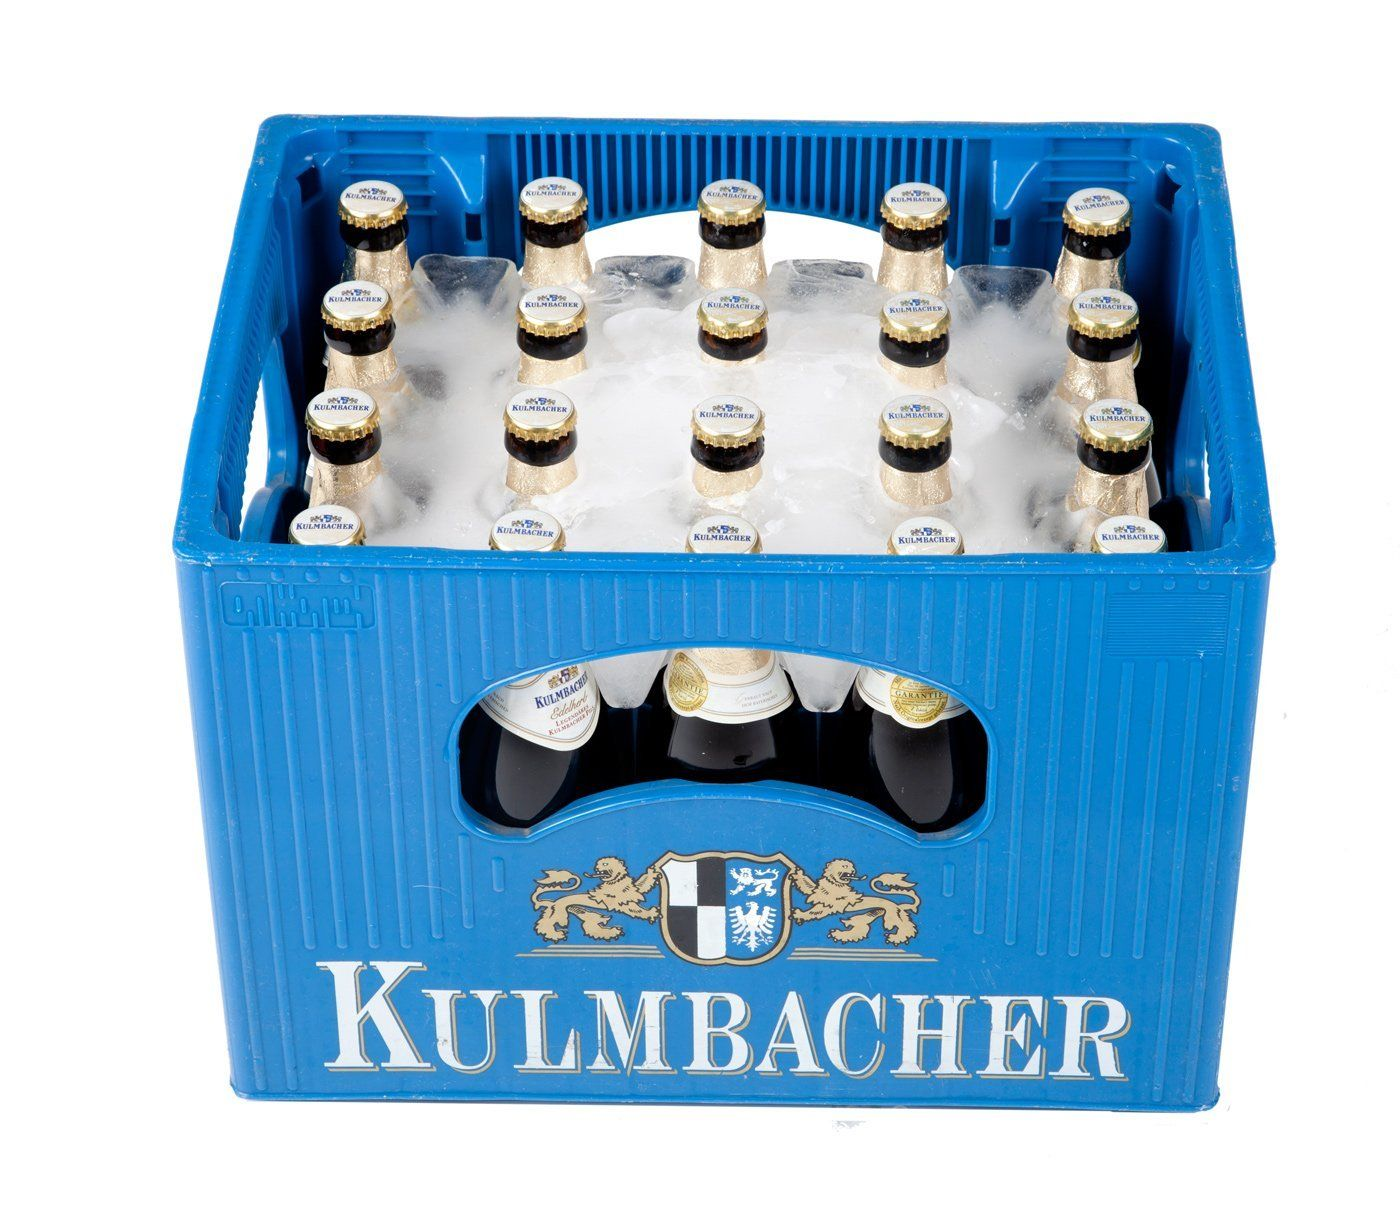 Bierkastenkühler: Einfach kaltes Bier genießen! Ihr bekommt Besuch ...